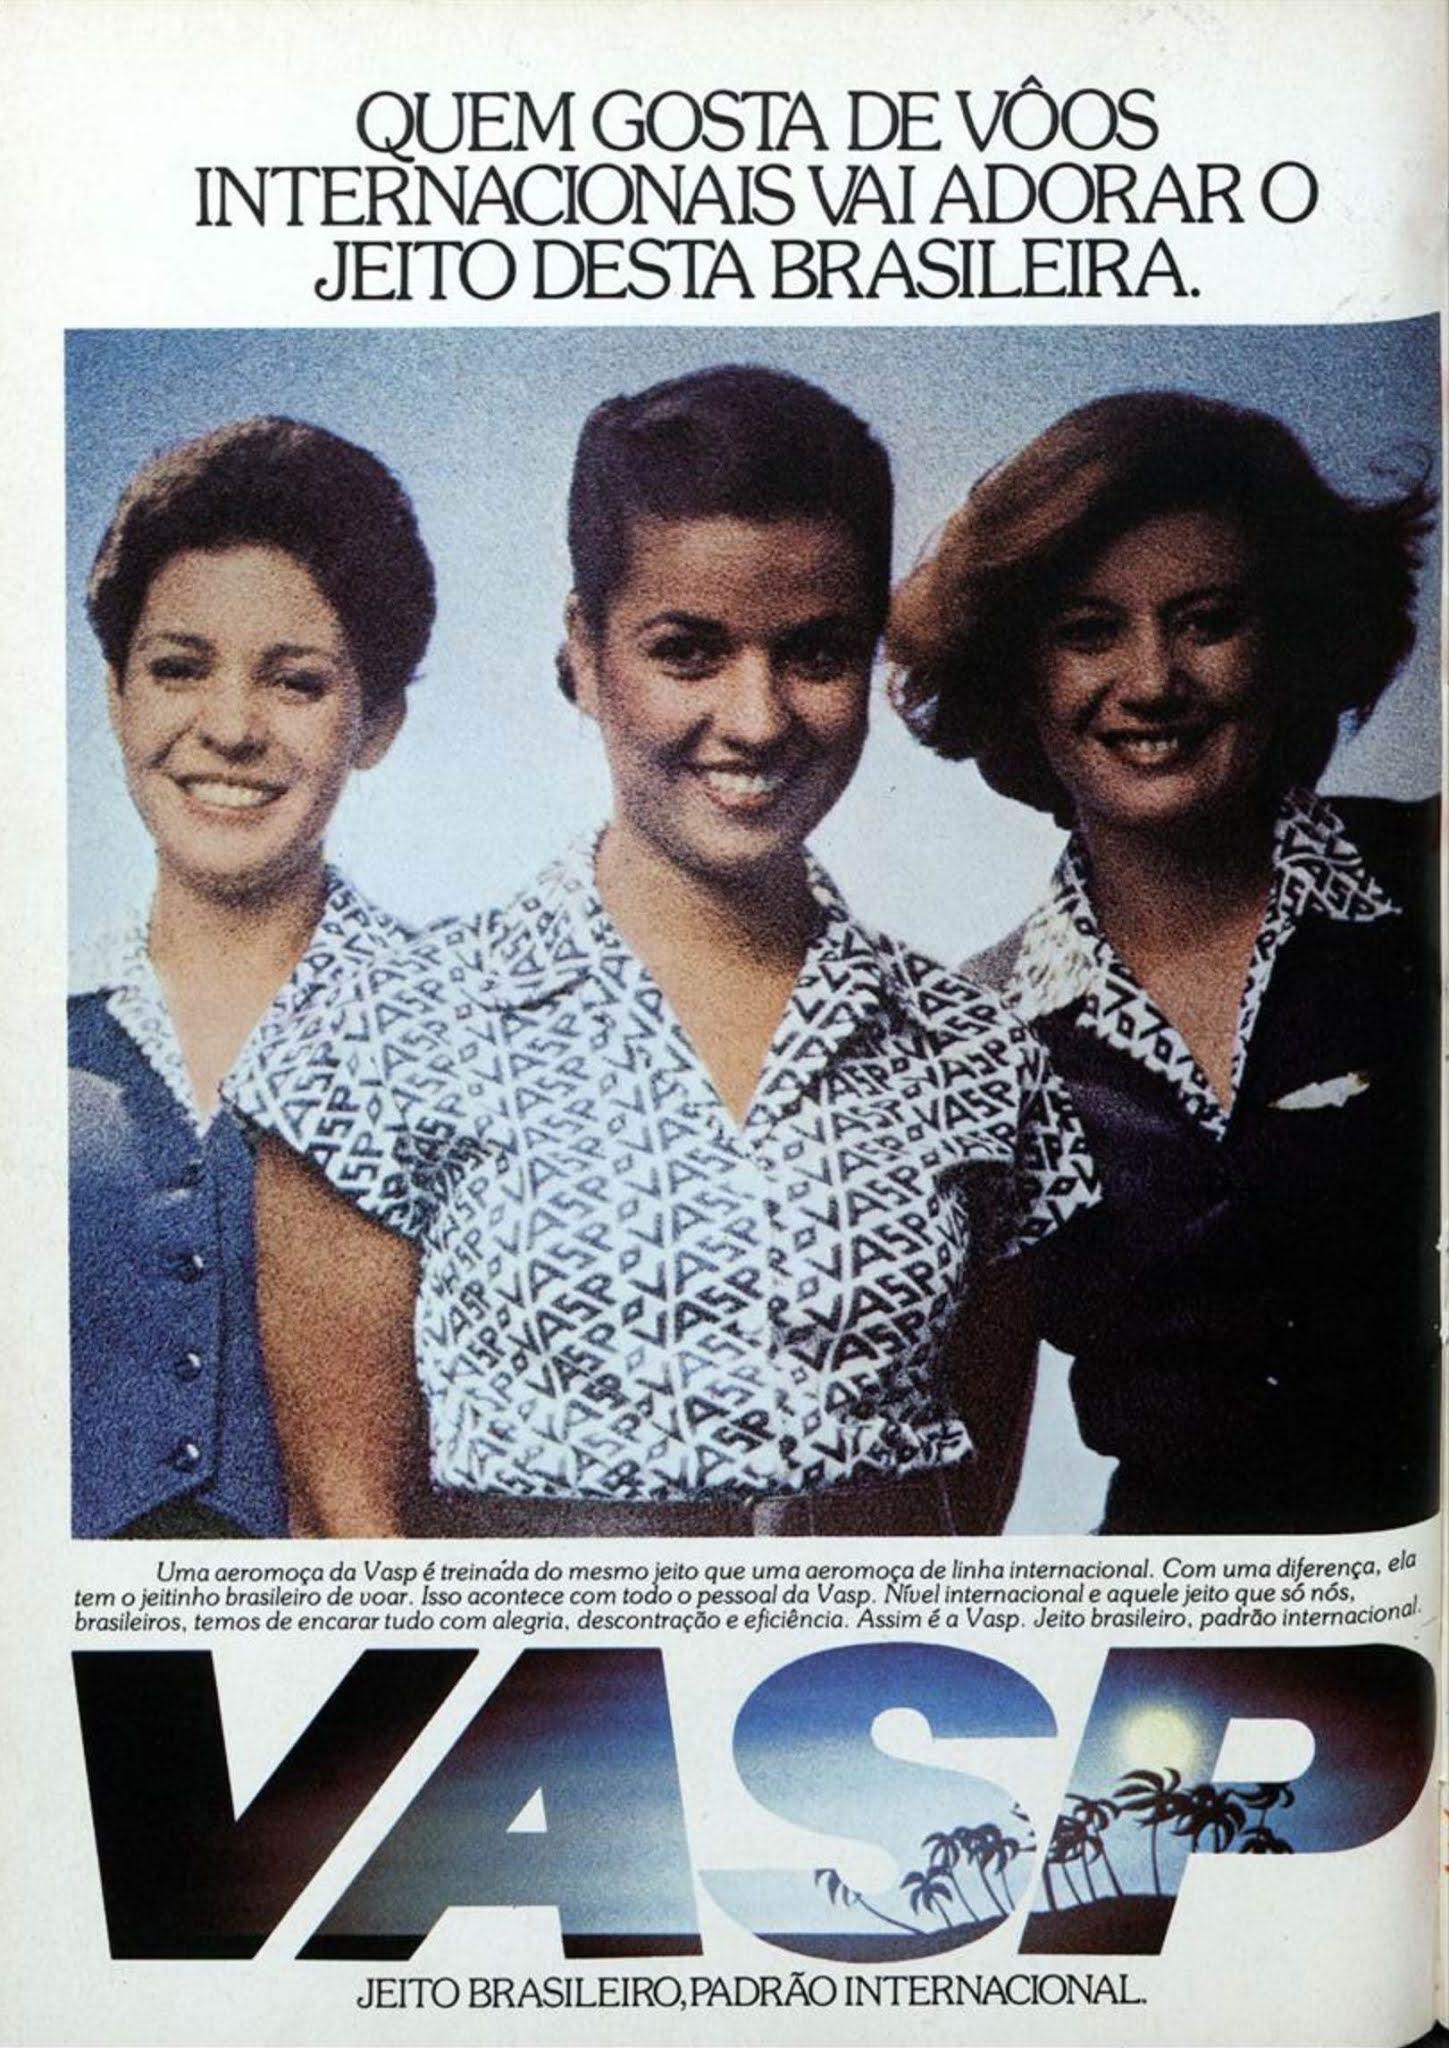 Anúncio antigo da VASP promovendo seus serviços a bordo em voos internacionais em 1980